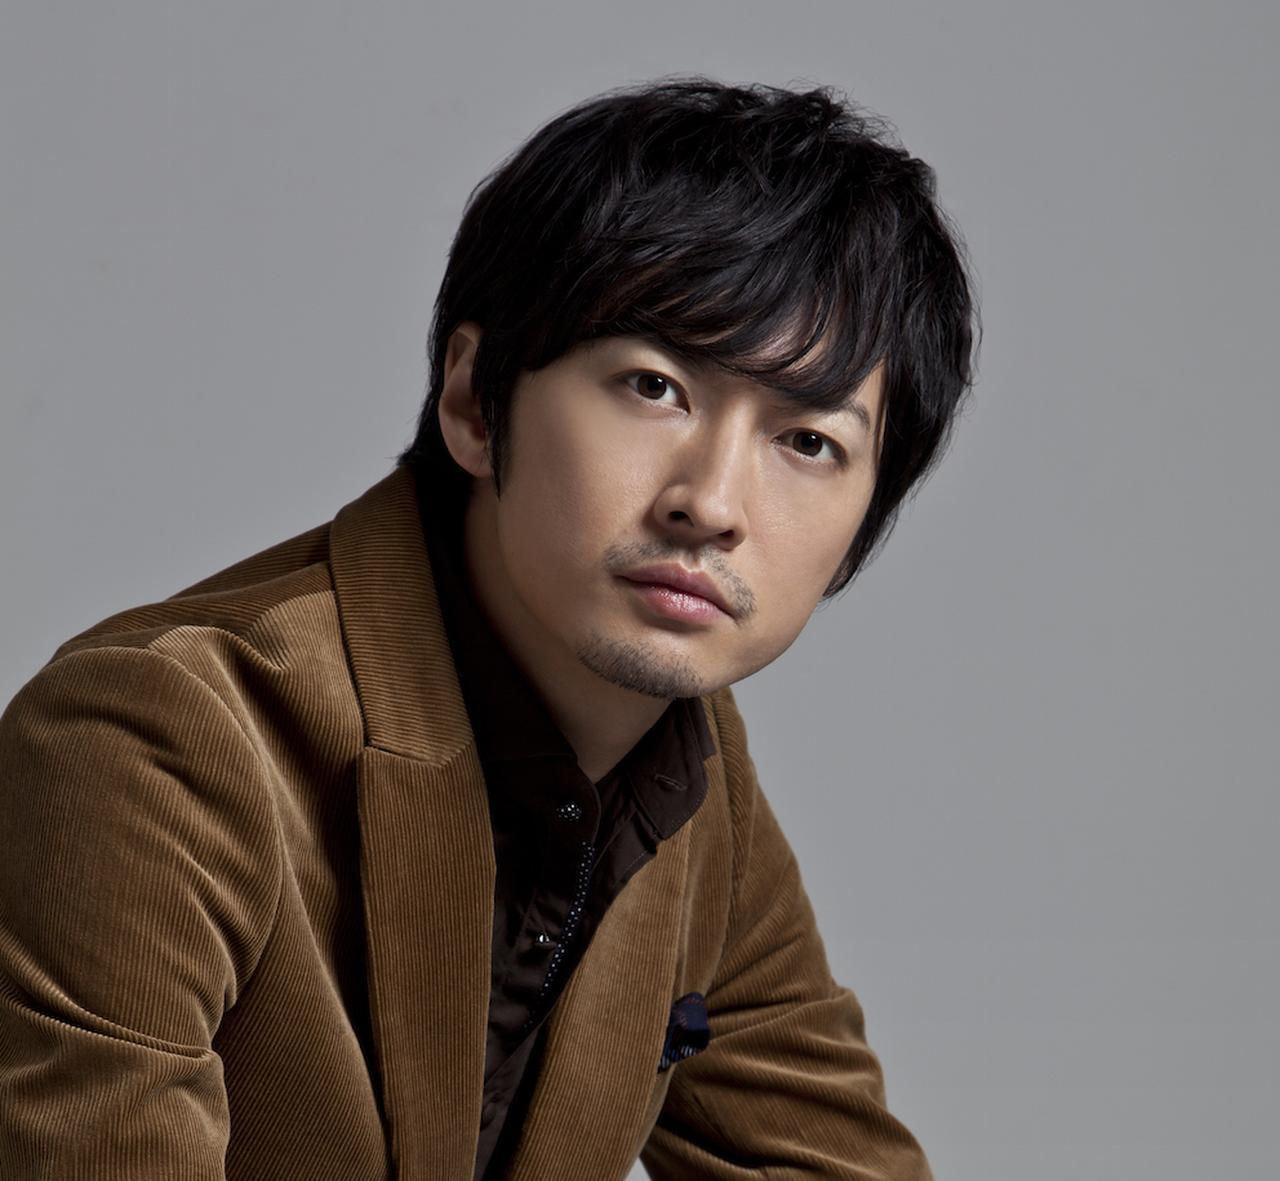 画像: 渋江譲二(しぶえ・じょうじ) 1983年3月15日生まれ。 長野県出身。2003年にドラマ『美少女戦士セーラームーン』タキシード仮面役でデビュー。 主な出演作はEX『仮面ライダー響鬼』(2005)、TBS『砂時計』(2007)、NTV『ホタルノヒカリ』(2007)、映画『クロサワ映画』(2010)、『ふるさとがえり《主演》』(2011)など。2017年1月より放送のAbemaTV『特命係長 只野仁』へレギュラー出演が決定している。 公式ブログ『矛盾の男』 http://yaplog.jp/shibue-jouji/ 公式Twitter @shibue0315